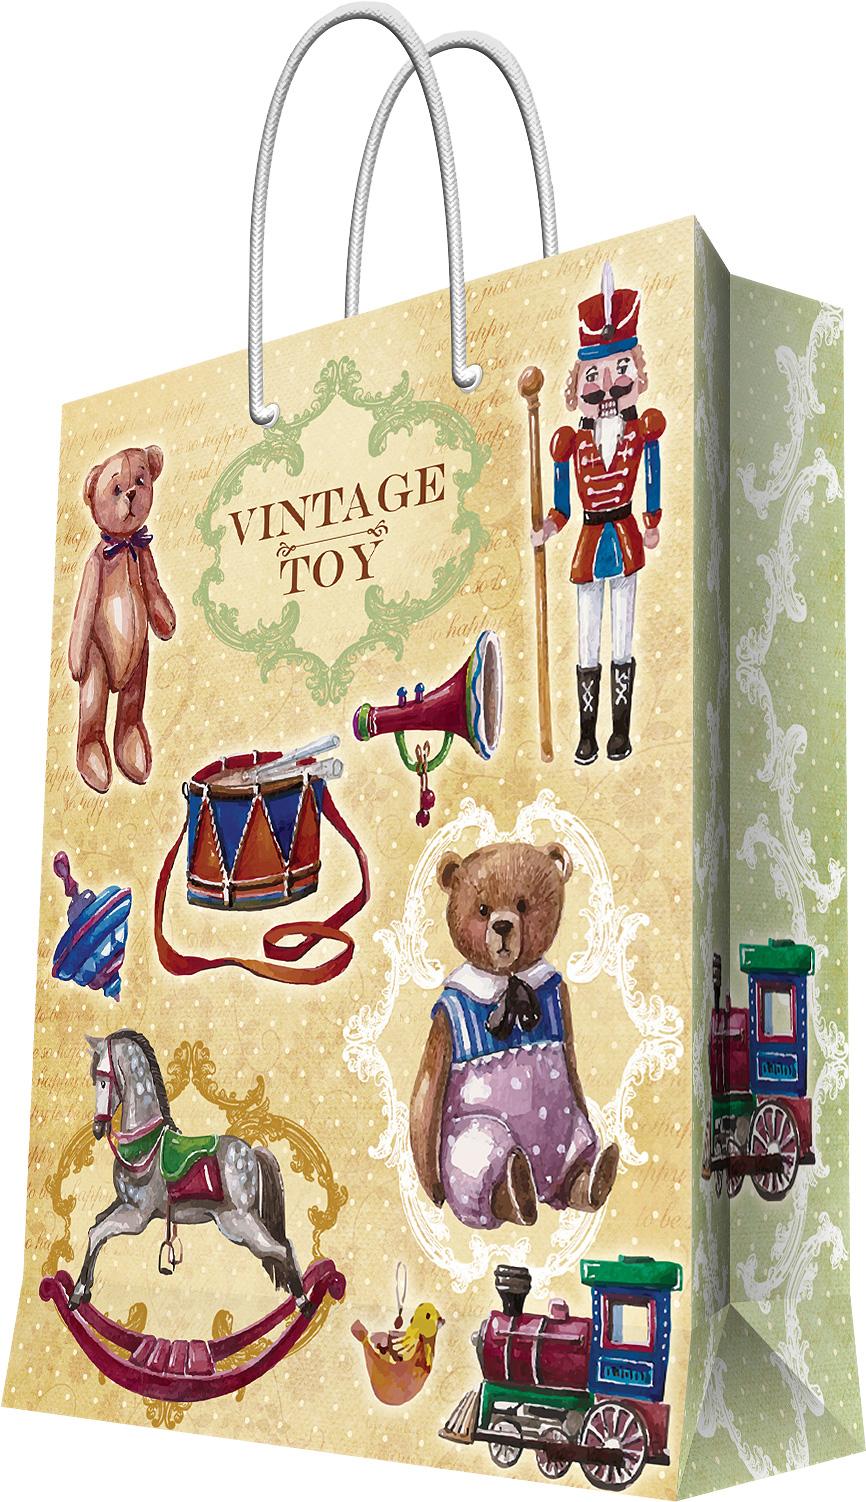 Пакет подарочный Magic Home Сказочные игрушки, 17,8 х 22,9 х 9,8 см44184Подарочный пакет Magic Home, изготовленный из плотной бумаги, станет незаменимым дополнением к выбранному подарку. Дно изделия укреплено картоном, который позволяет сохранить форму пакета и исключает возможность деформации дна под тяжестью подарка. Пакет выполнен с глянцевой ламинацией, что придает ему прочность, а изображению - яркость и насыщенность цветов. Для удобной переноски имеются две ручки в виде шнурков.Подарок, преподнесенный в оригинальной упаковке, всегда будет самым эффектным и запоминающимся. Окружите близких людей вниманием и заботой, вручив презент в нарядном, праздничном оформлении.Плотность бумаги: 140 г/м2.